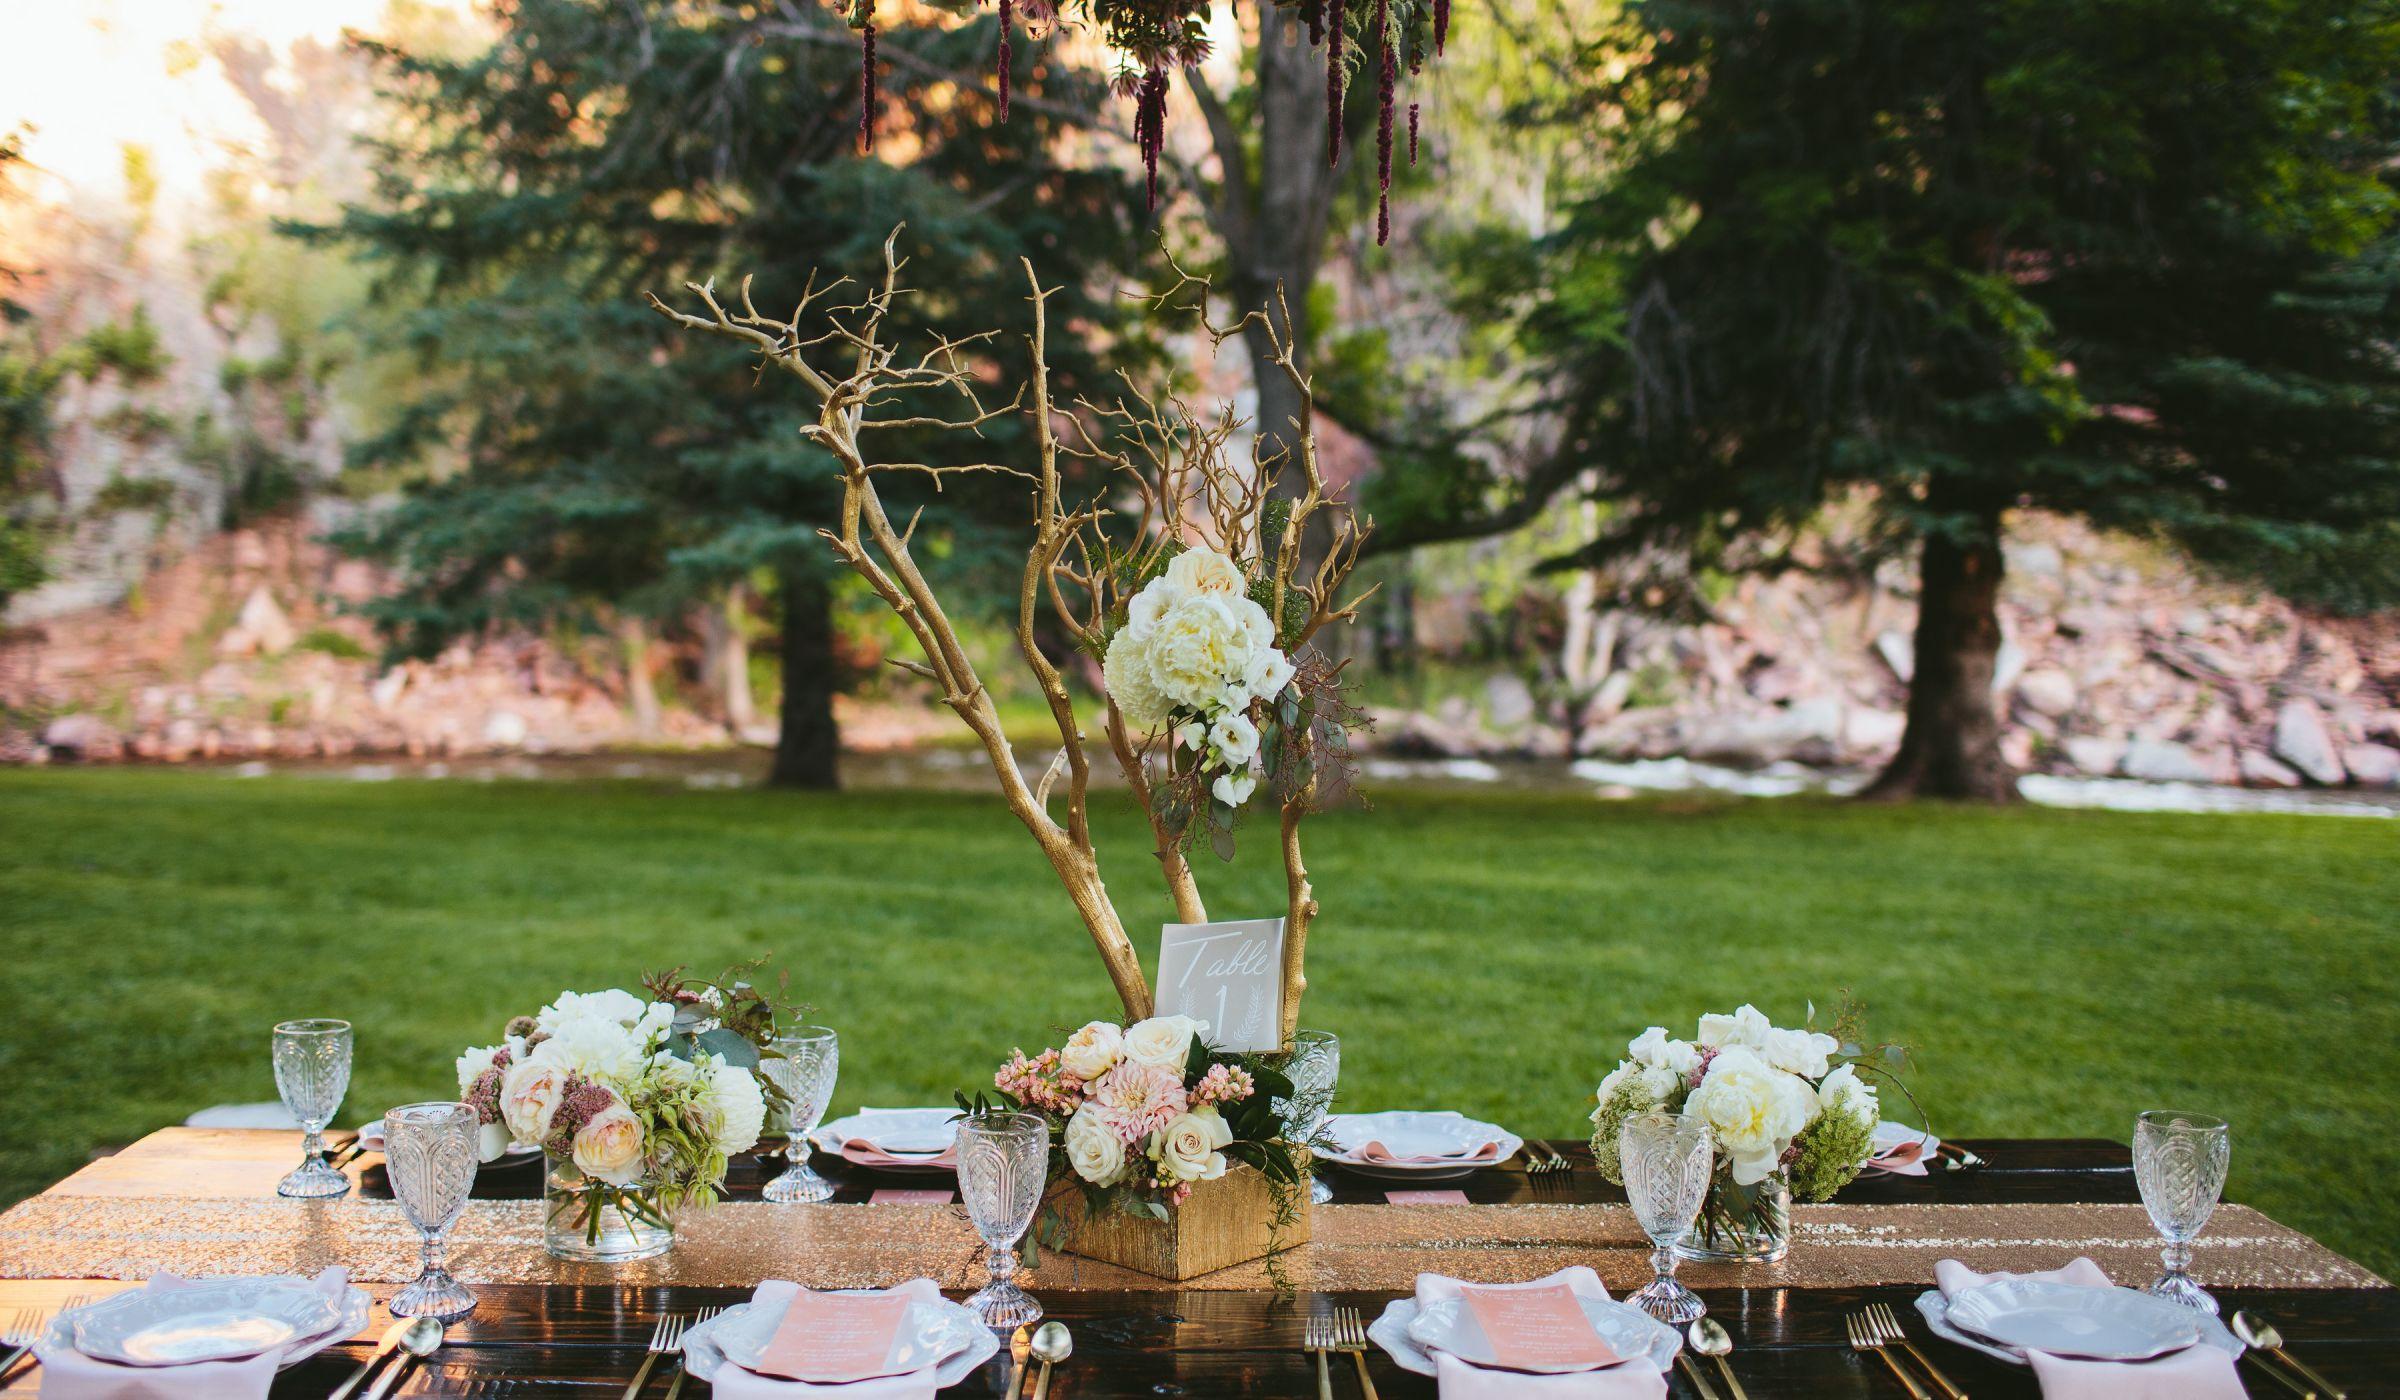 wedding shower ideas garden party